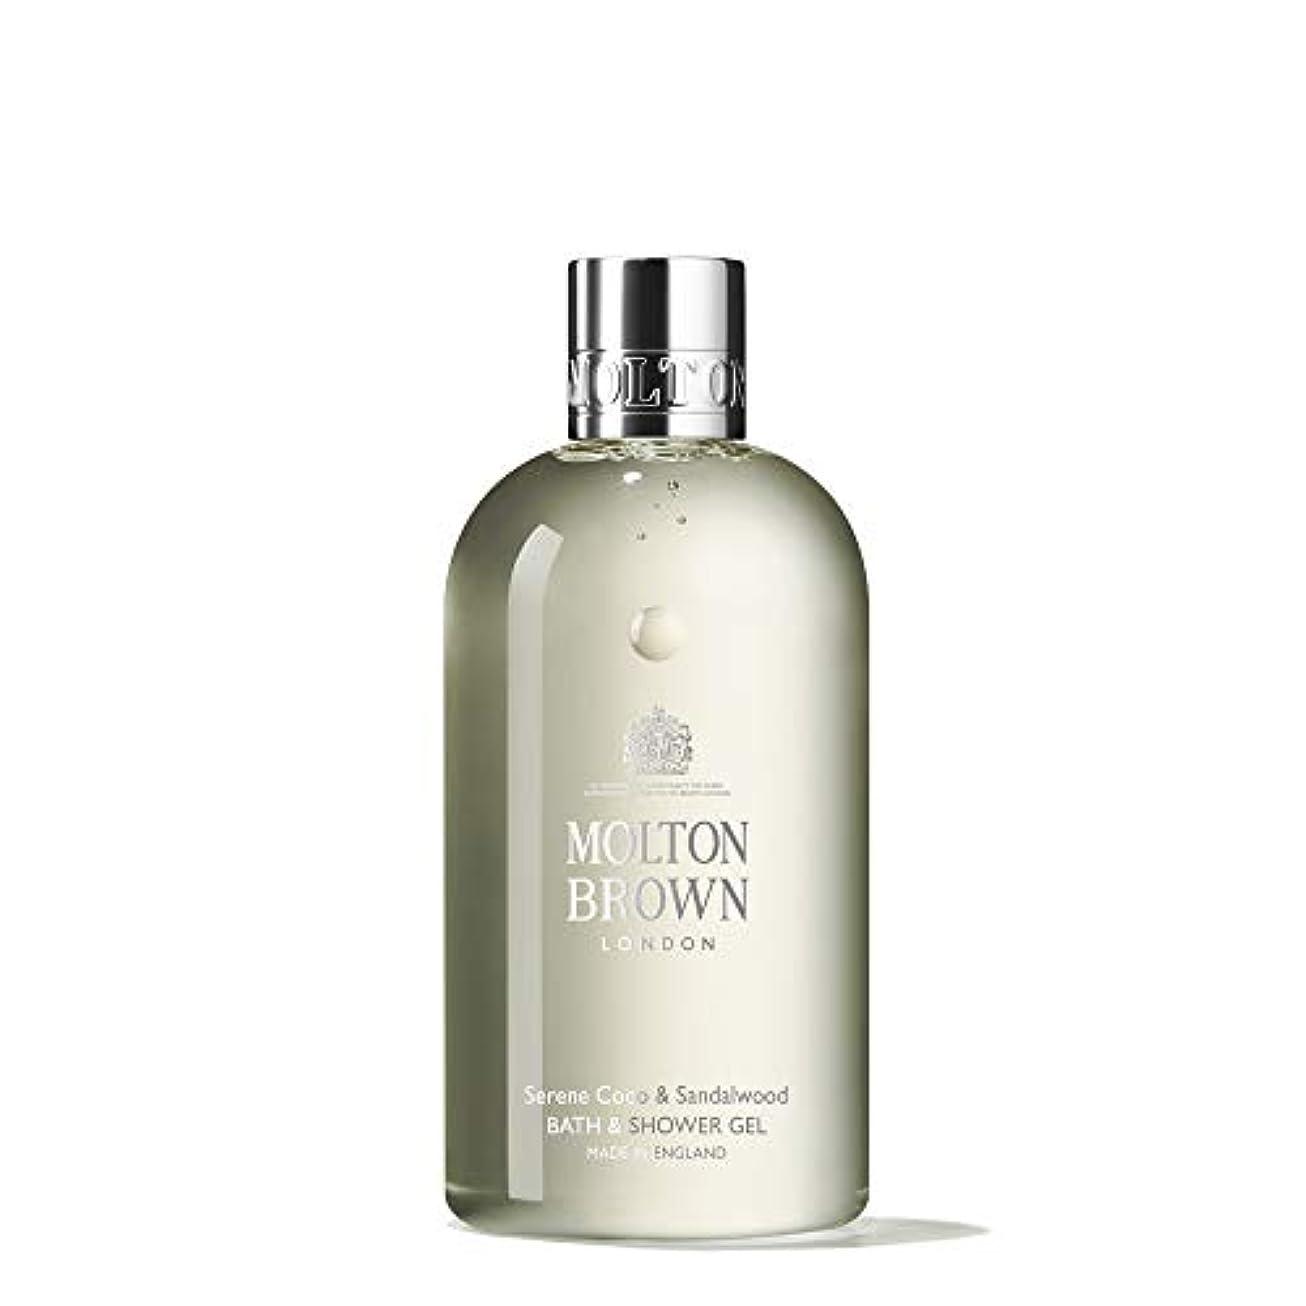 悩む衣装命題MOLTON BROWN(モルトンブラウン) ココ&サンダルウッド コレクション CO バス&シャワージェル